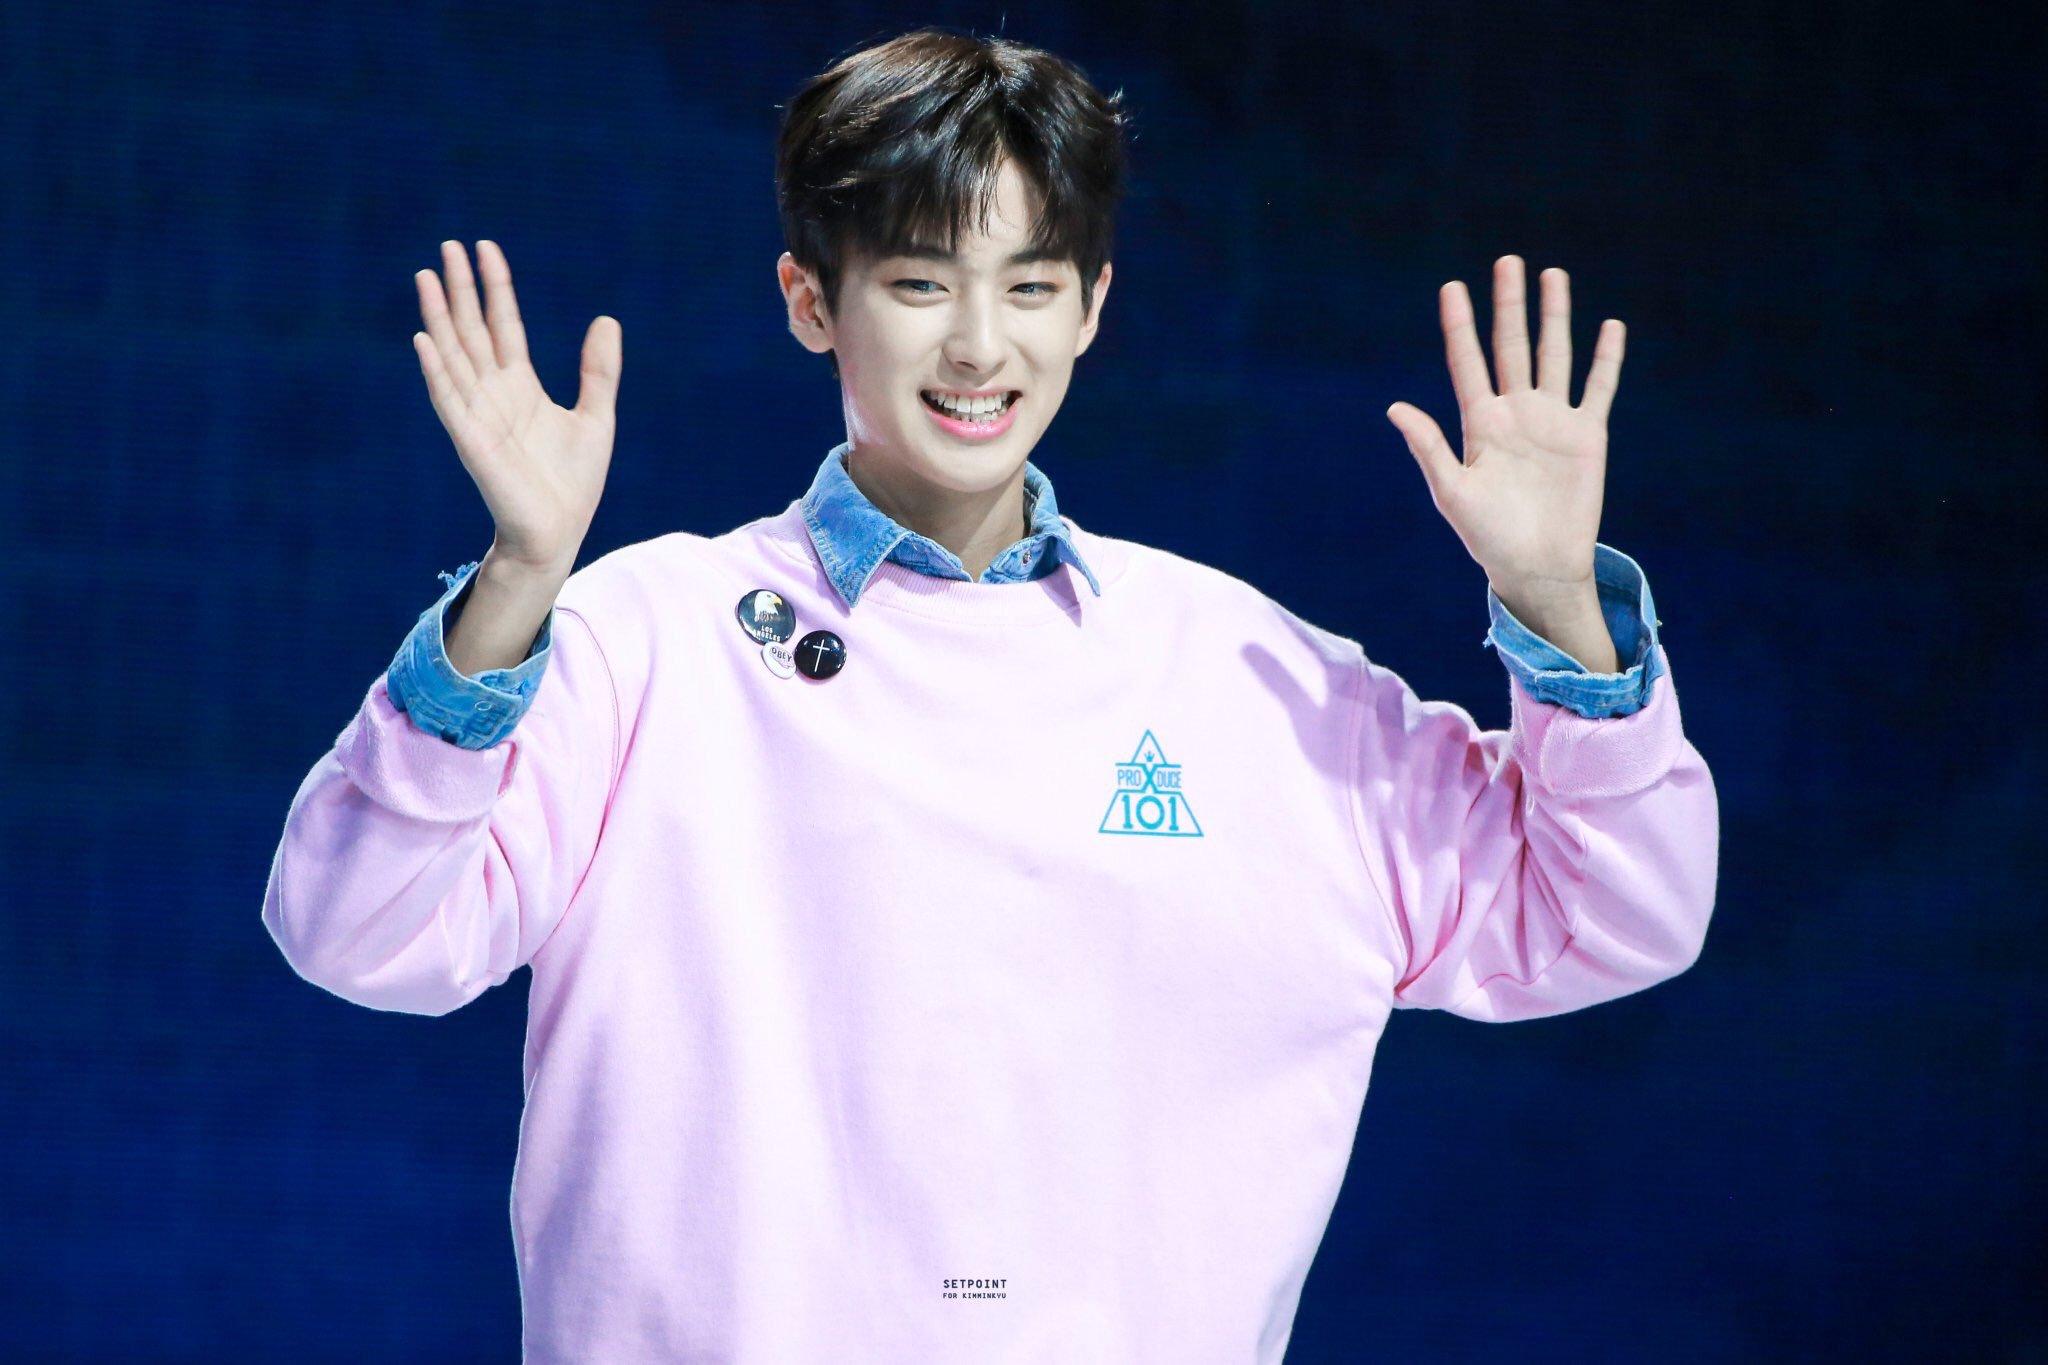 produce x 101, produce x 101 trainees, produce x 101 members, produce x 101 height, produce x 101 company, kpop, trainee, produce x 101 kim mingyu, kim mingyu